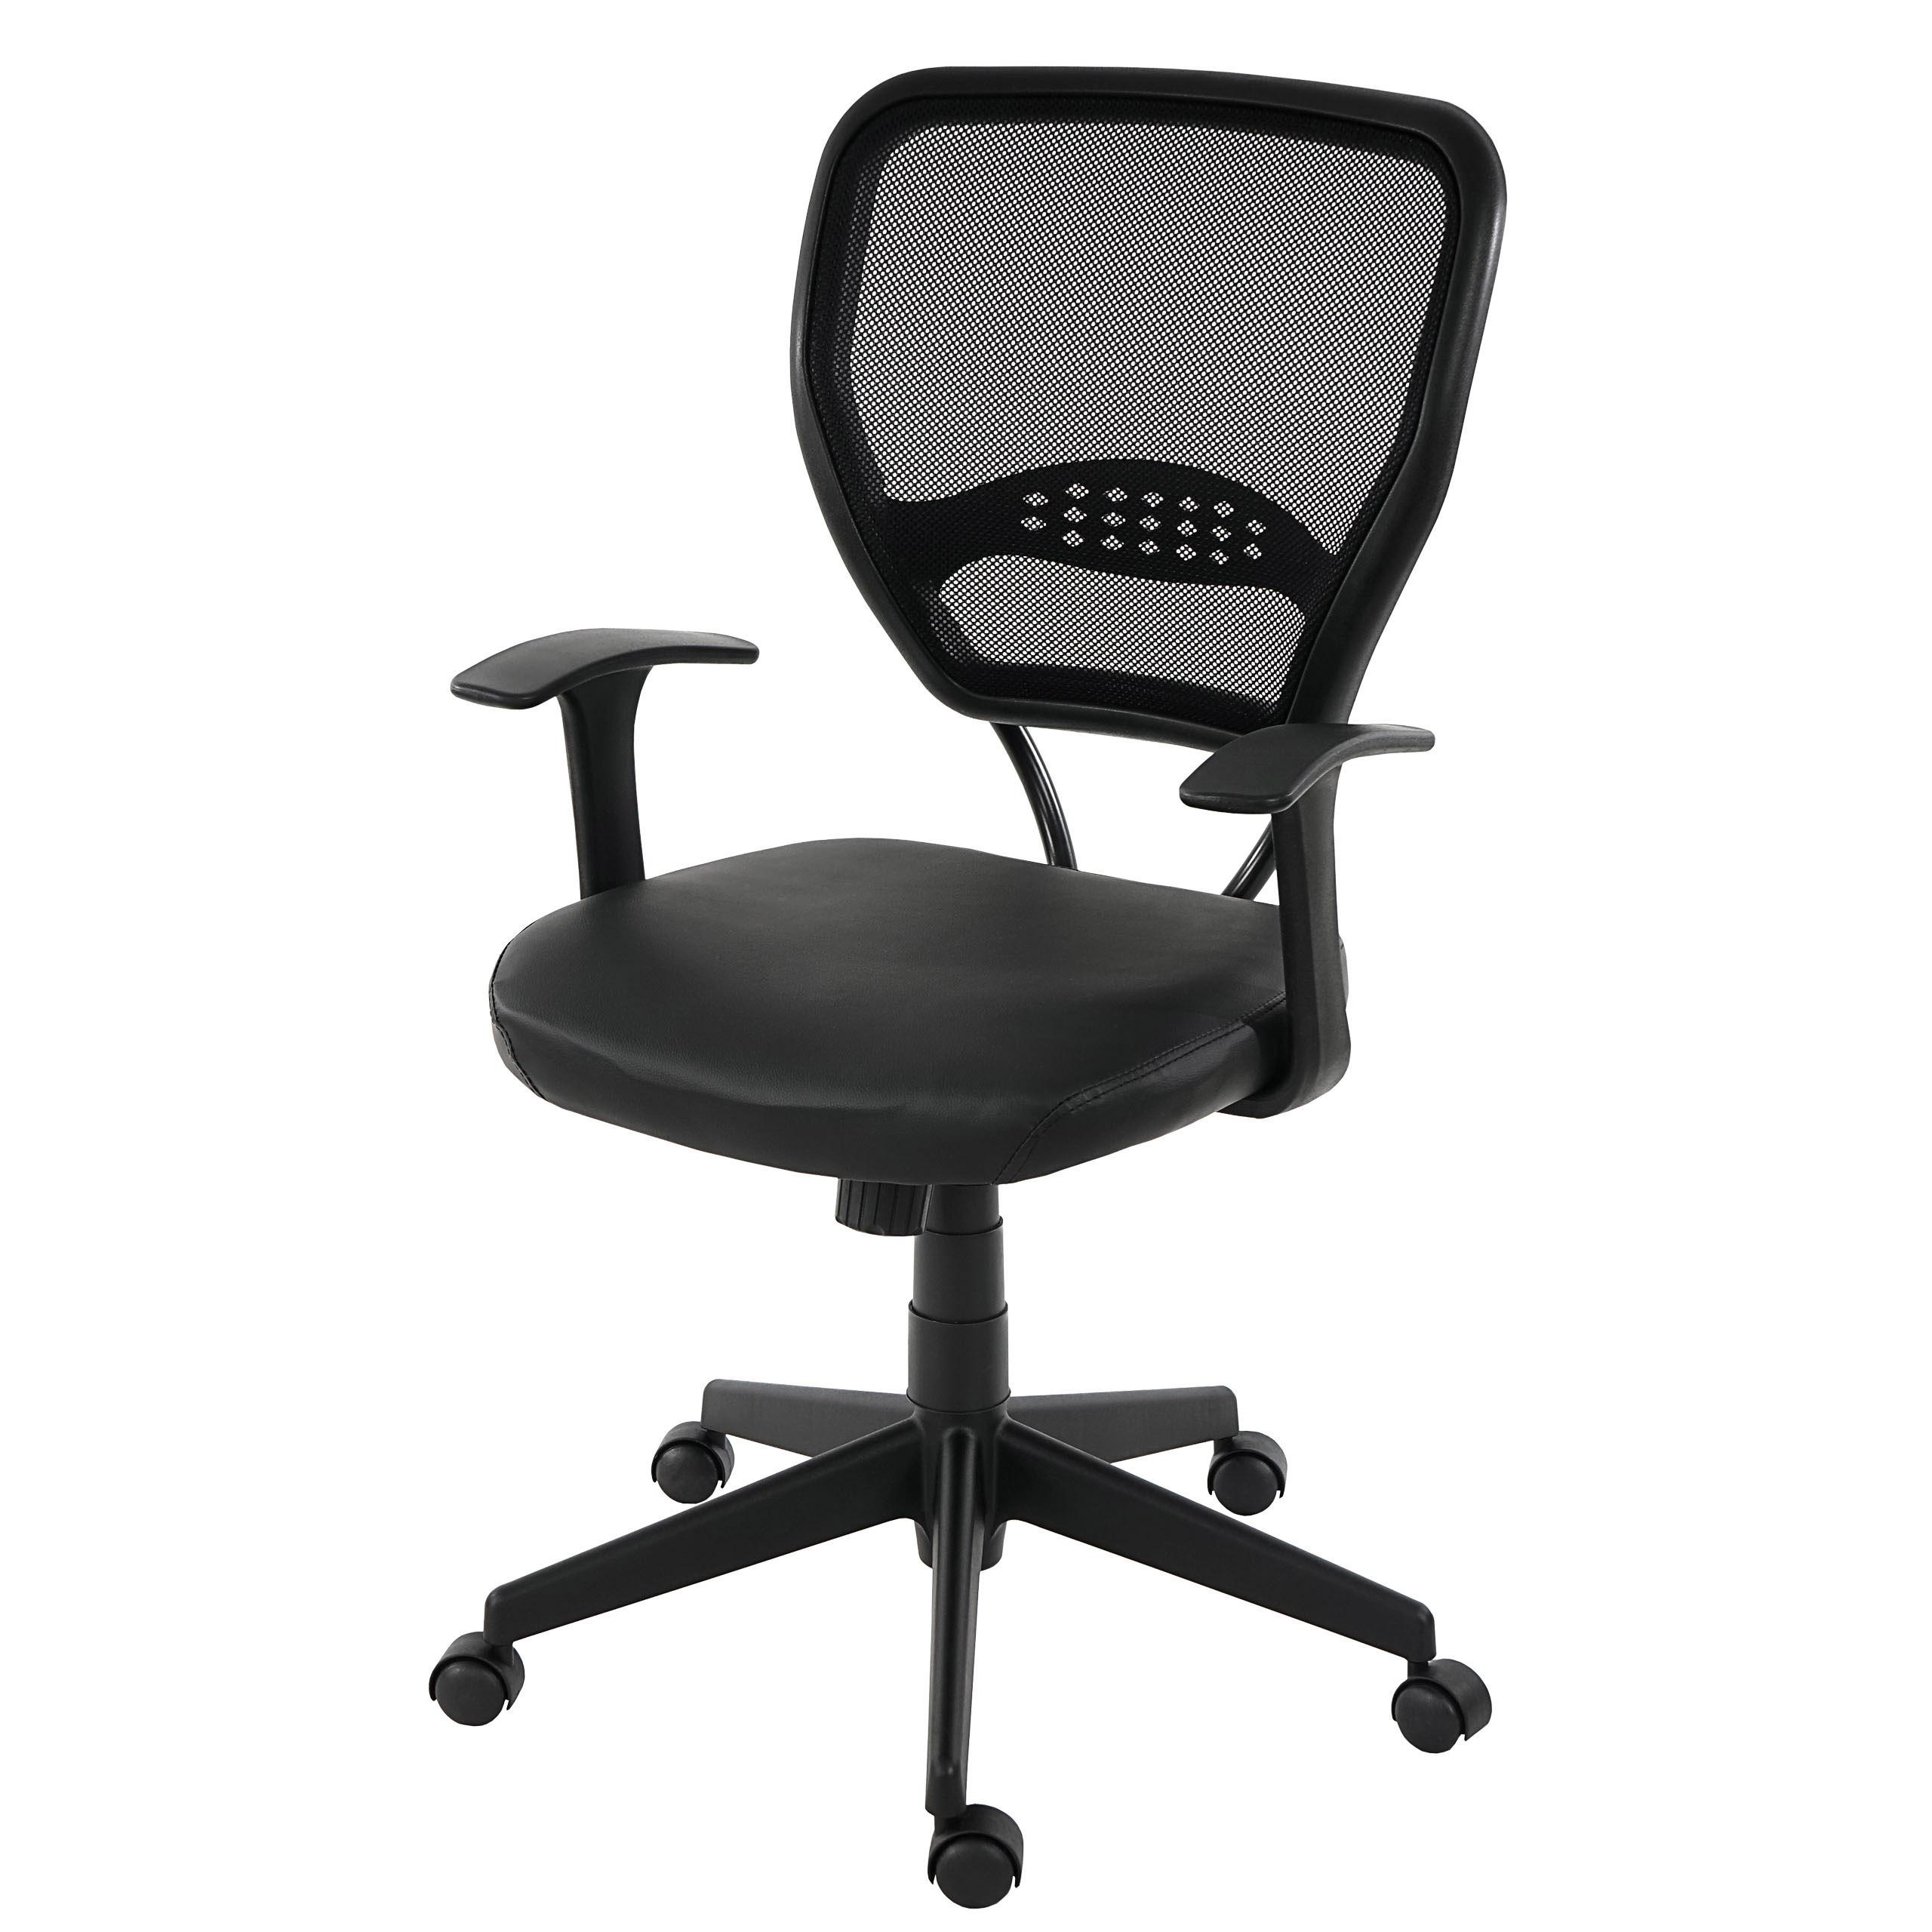 profi b rostuhl seattle chefsessel drehstuhl 150kg belastbar kunstleder schwarz mit armlehnen. Black Bedroom Furniture Sets. Home Design Ideas